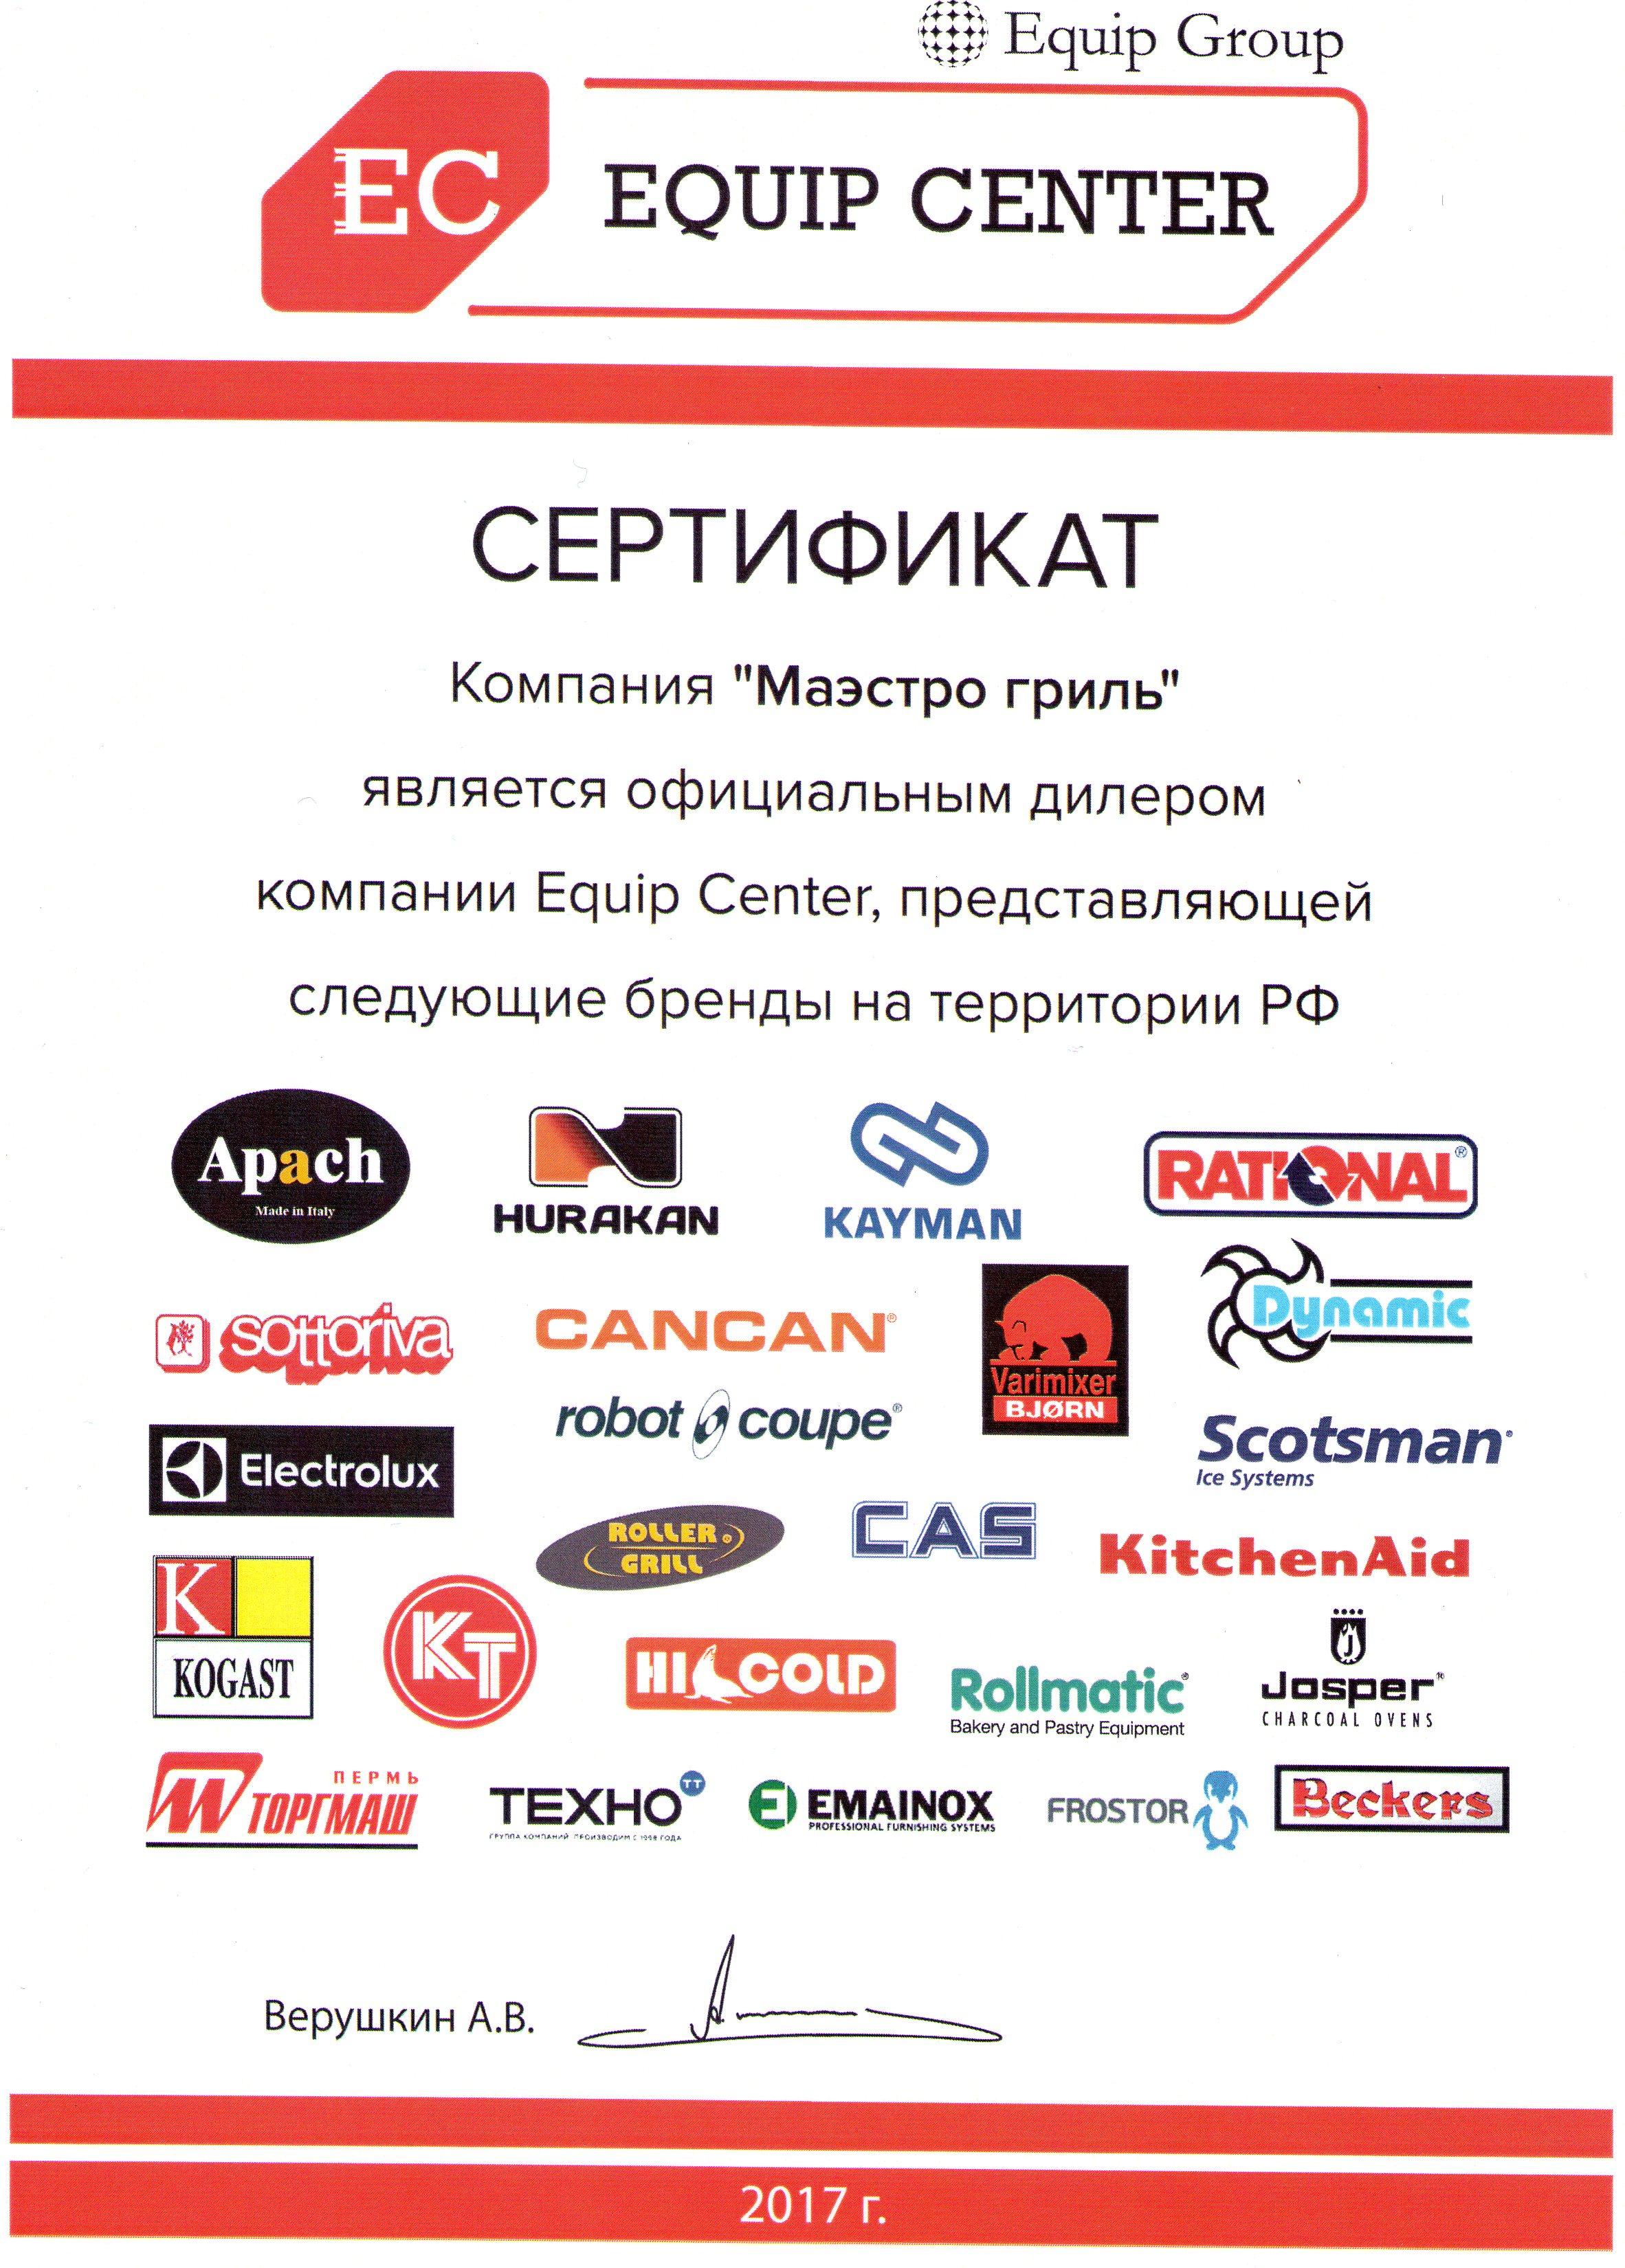 Equip_group.jpg